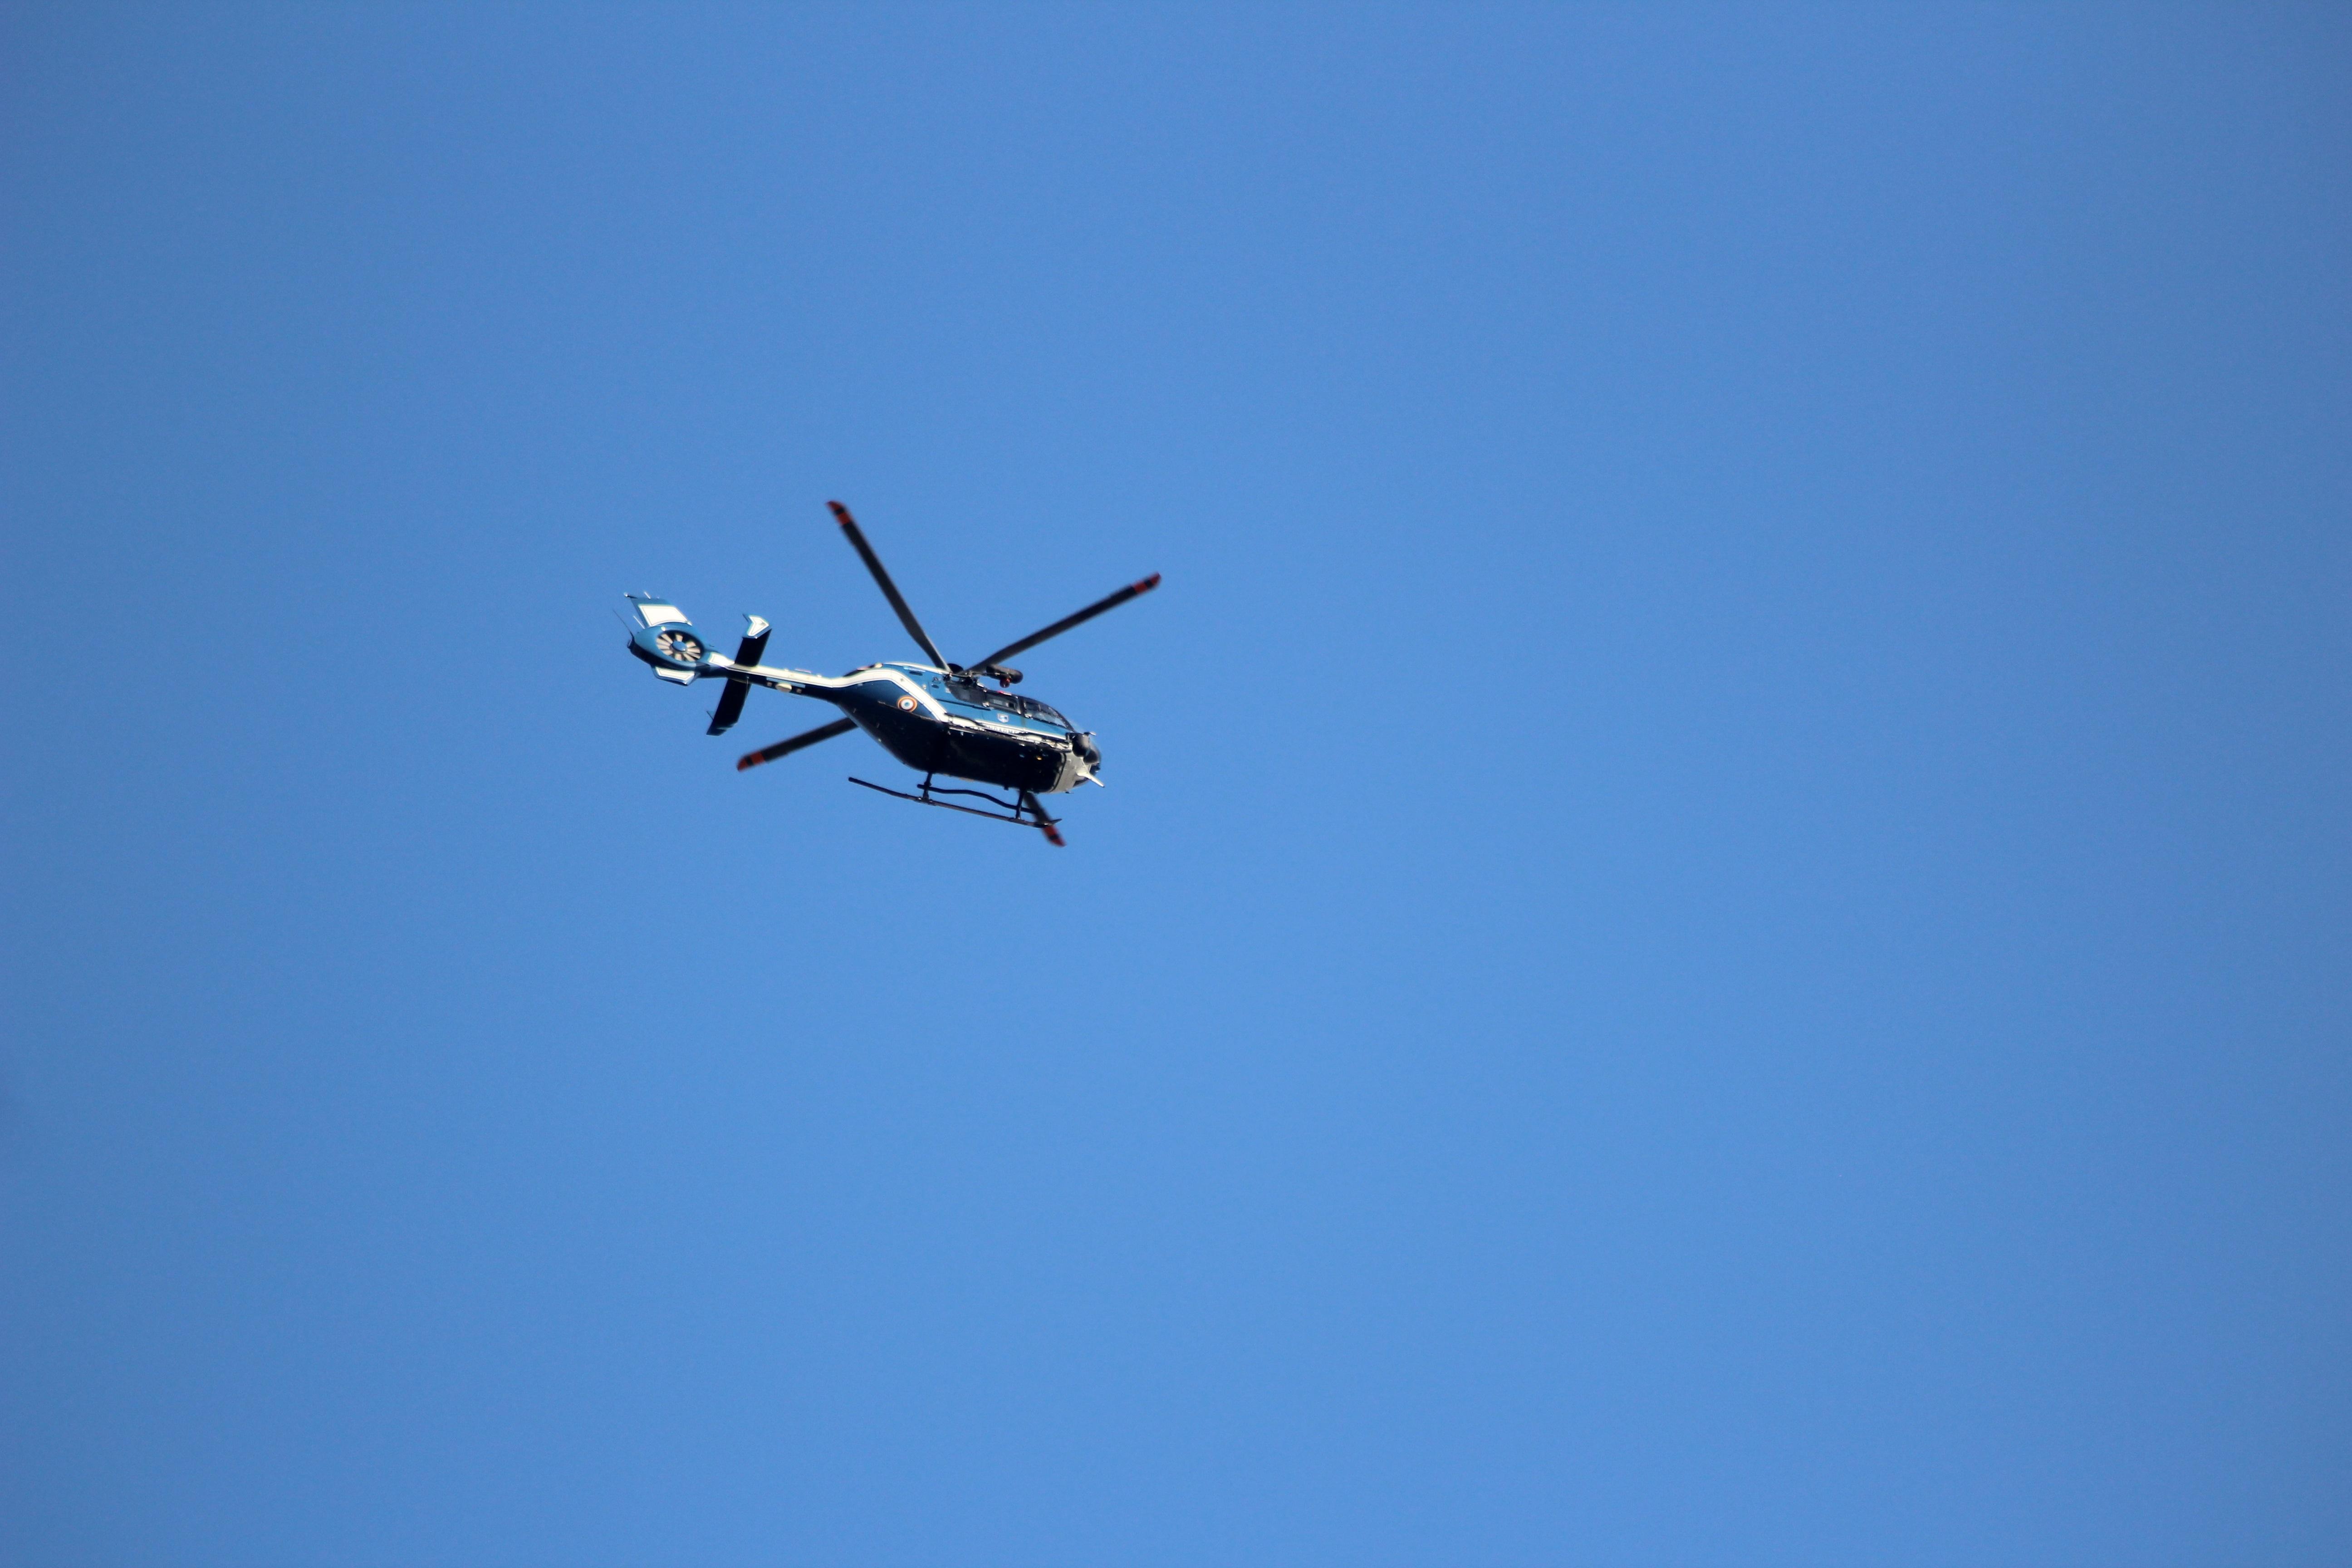 Картинка вертолет в небе